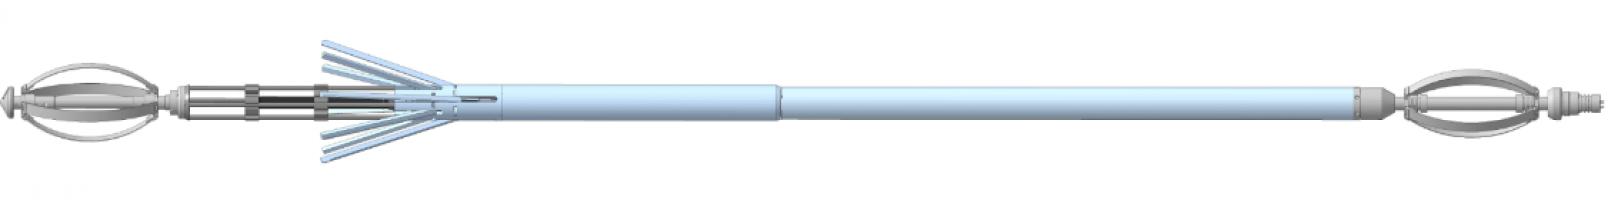 Профилемер скважинный трубный ПФТ-80-8, ПФТ-80-8Т